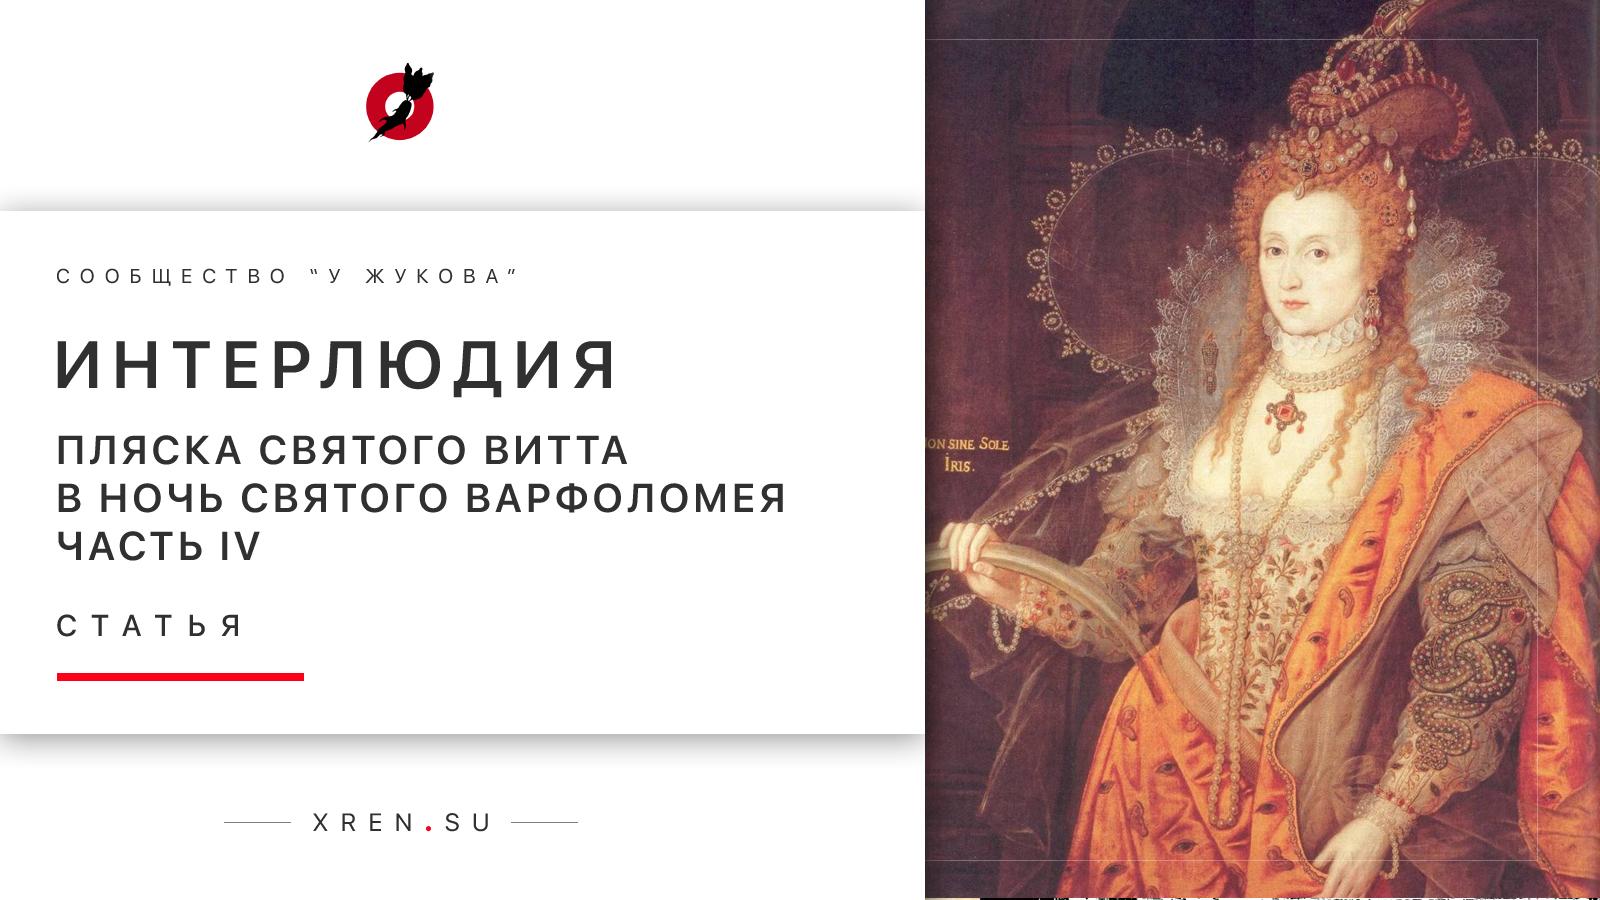 Пляска Святого Витта в ночь святого Варфоломея. Часть 4. Интерлюдия